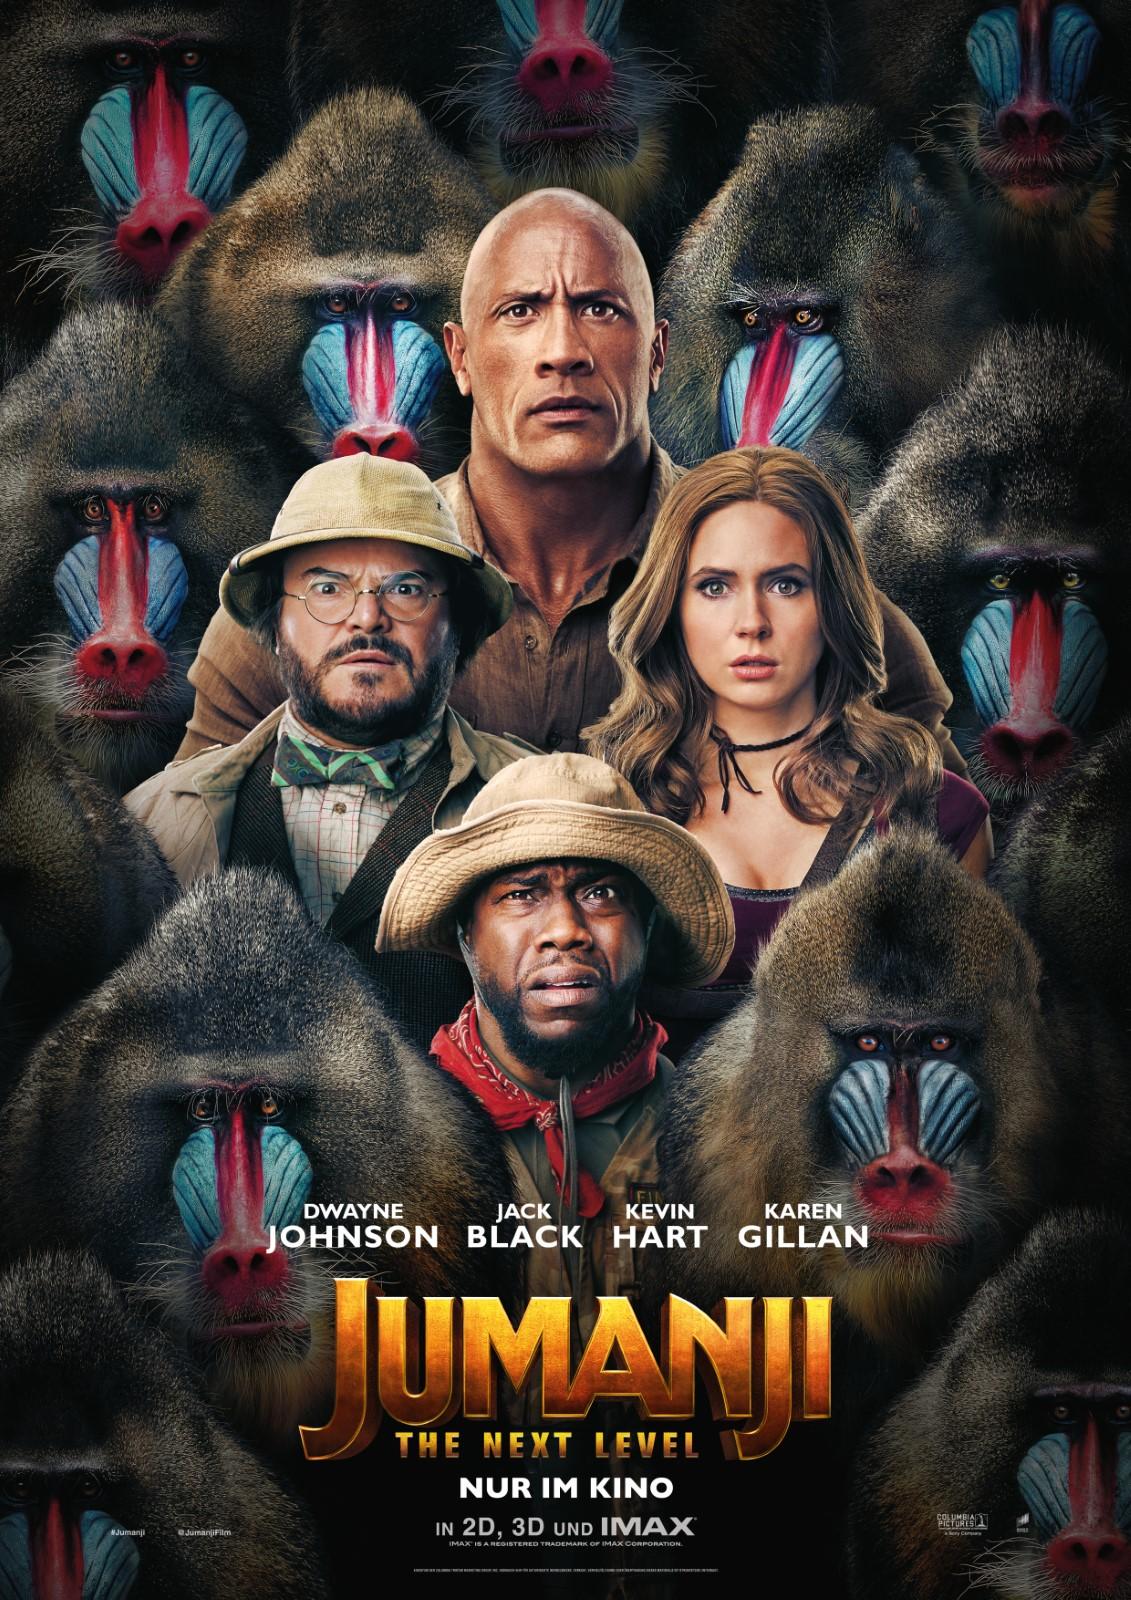 Jumanji 2 Kinostart